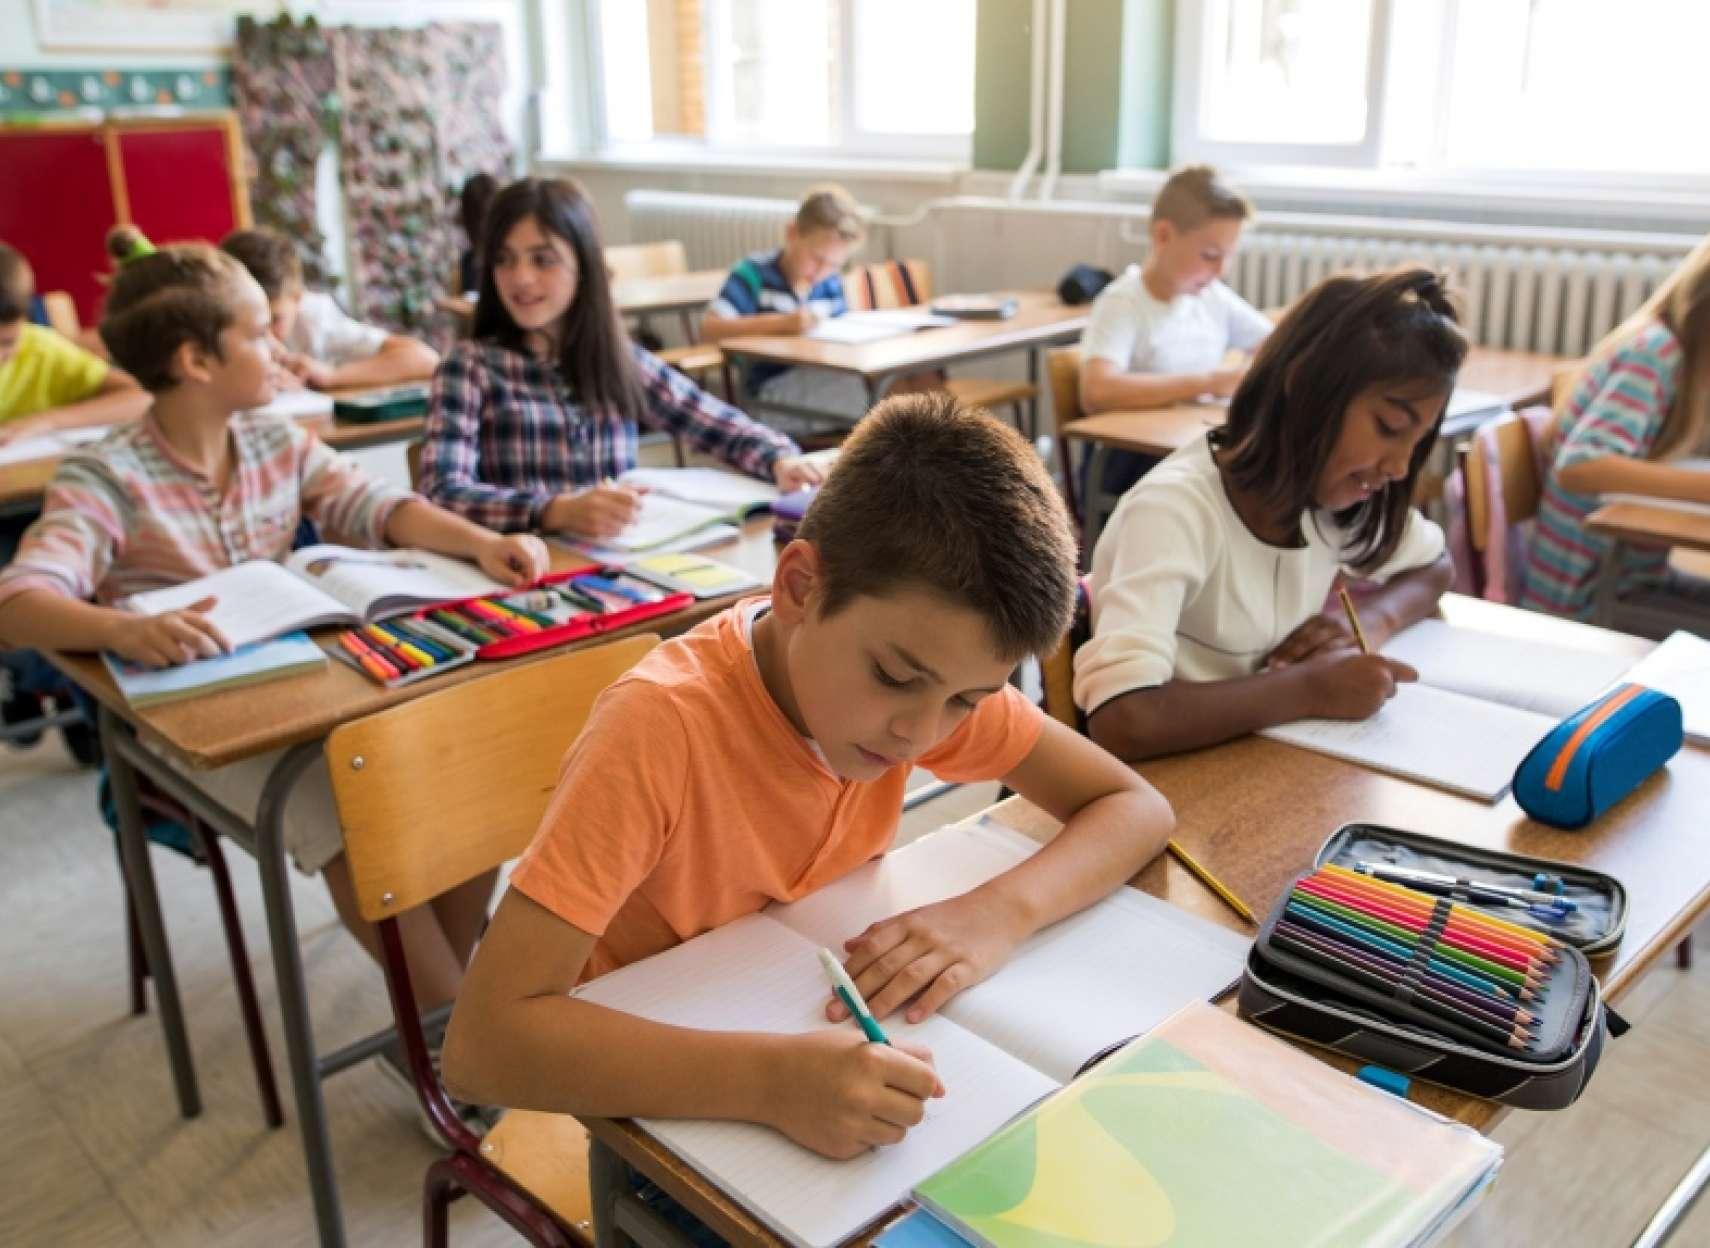 نگرانی-ها-درباره-شیوع-کرونا-در-اونتاریو-پس-از-بازگشایی-مدارس-منتقدان-از-شیوع-کرونا-در-مدارس-کبک-شاهد-مثال-می-آورند